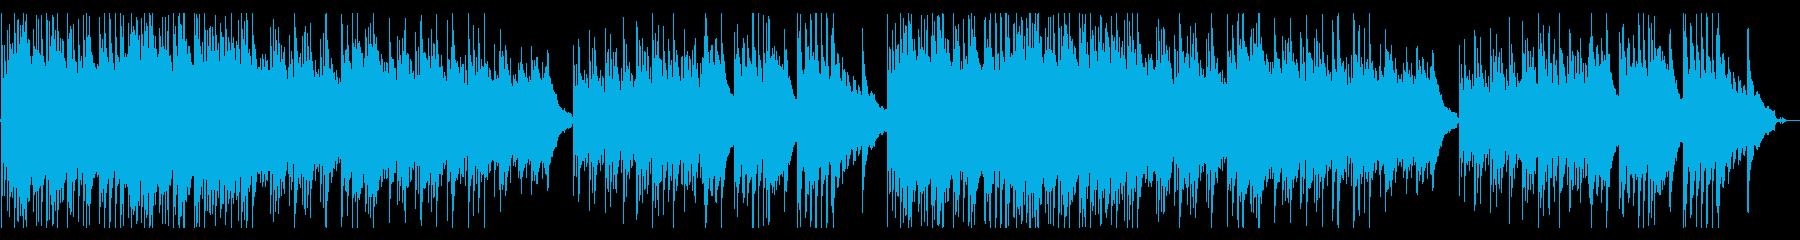 優しいピアノソロの再生済みの波形